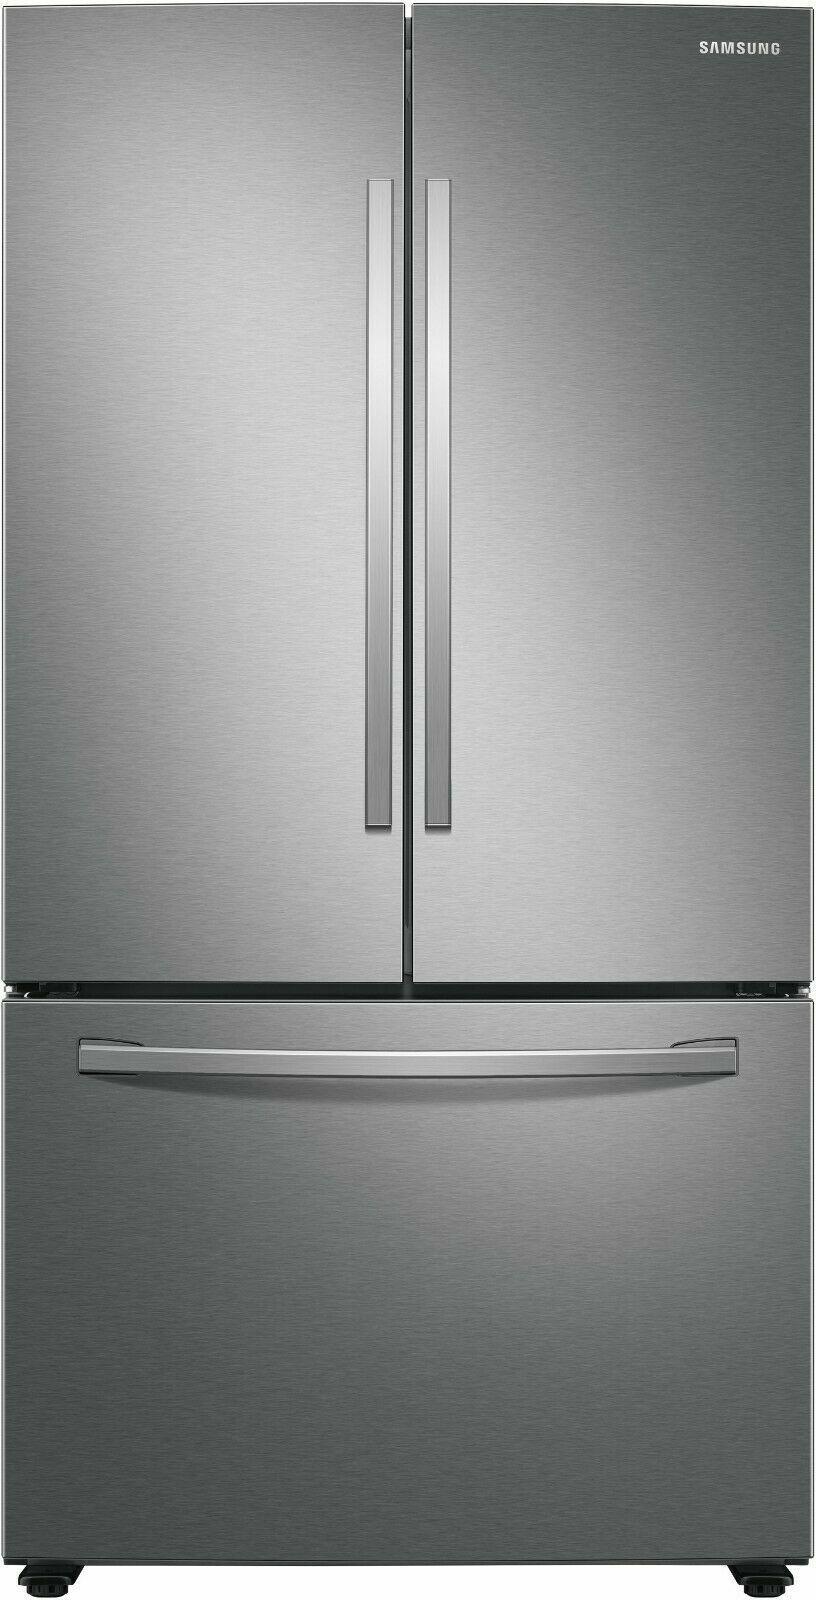 36 Inch 3-Door French Door Refrigerator with 28.2 Cu. Ft.